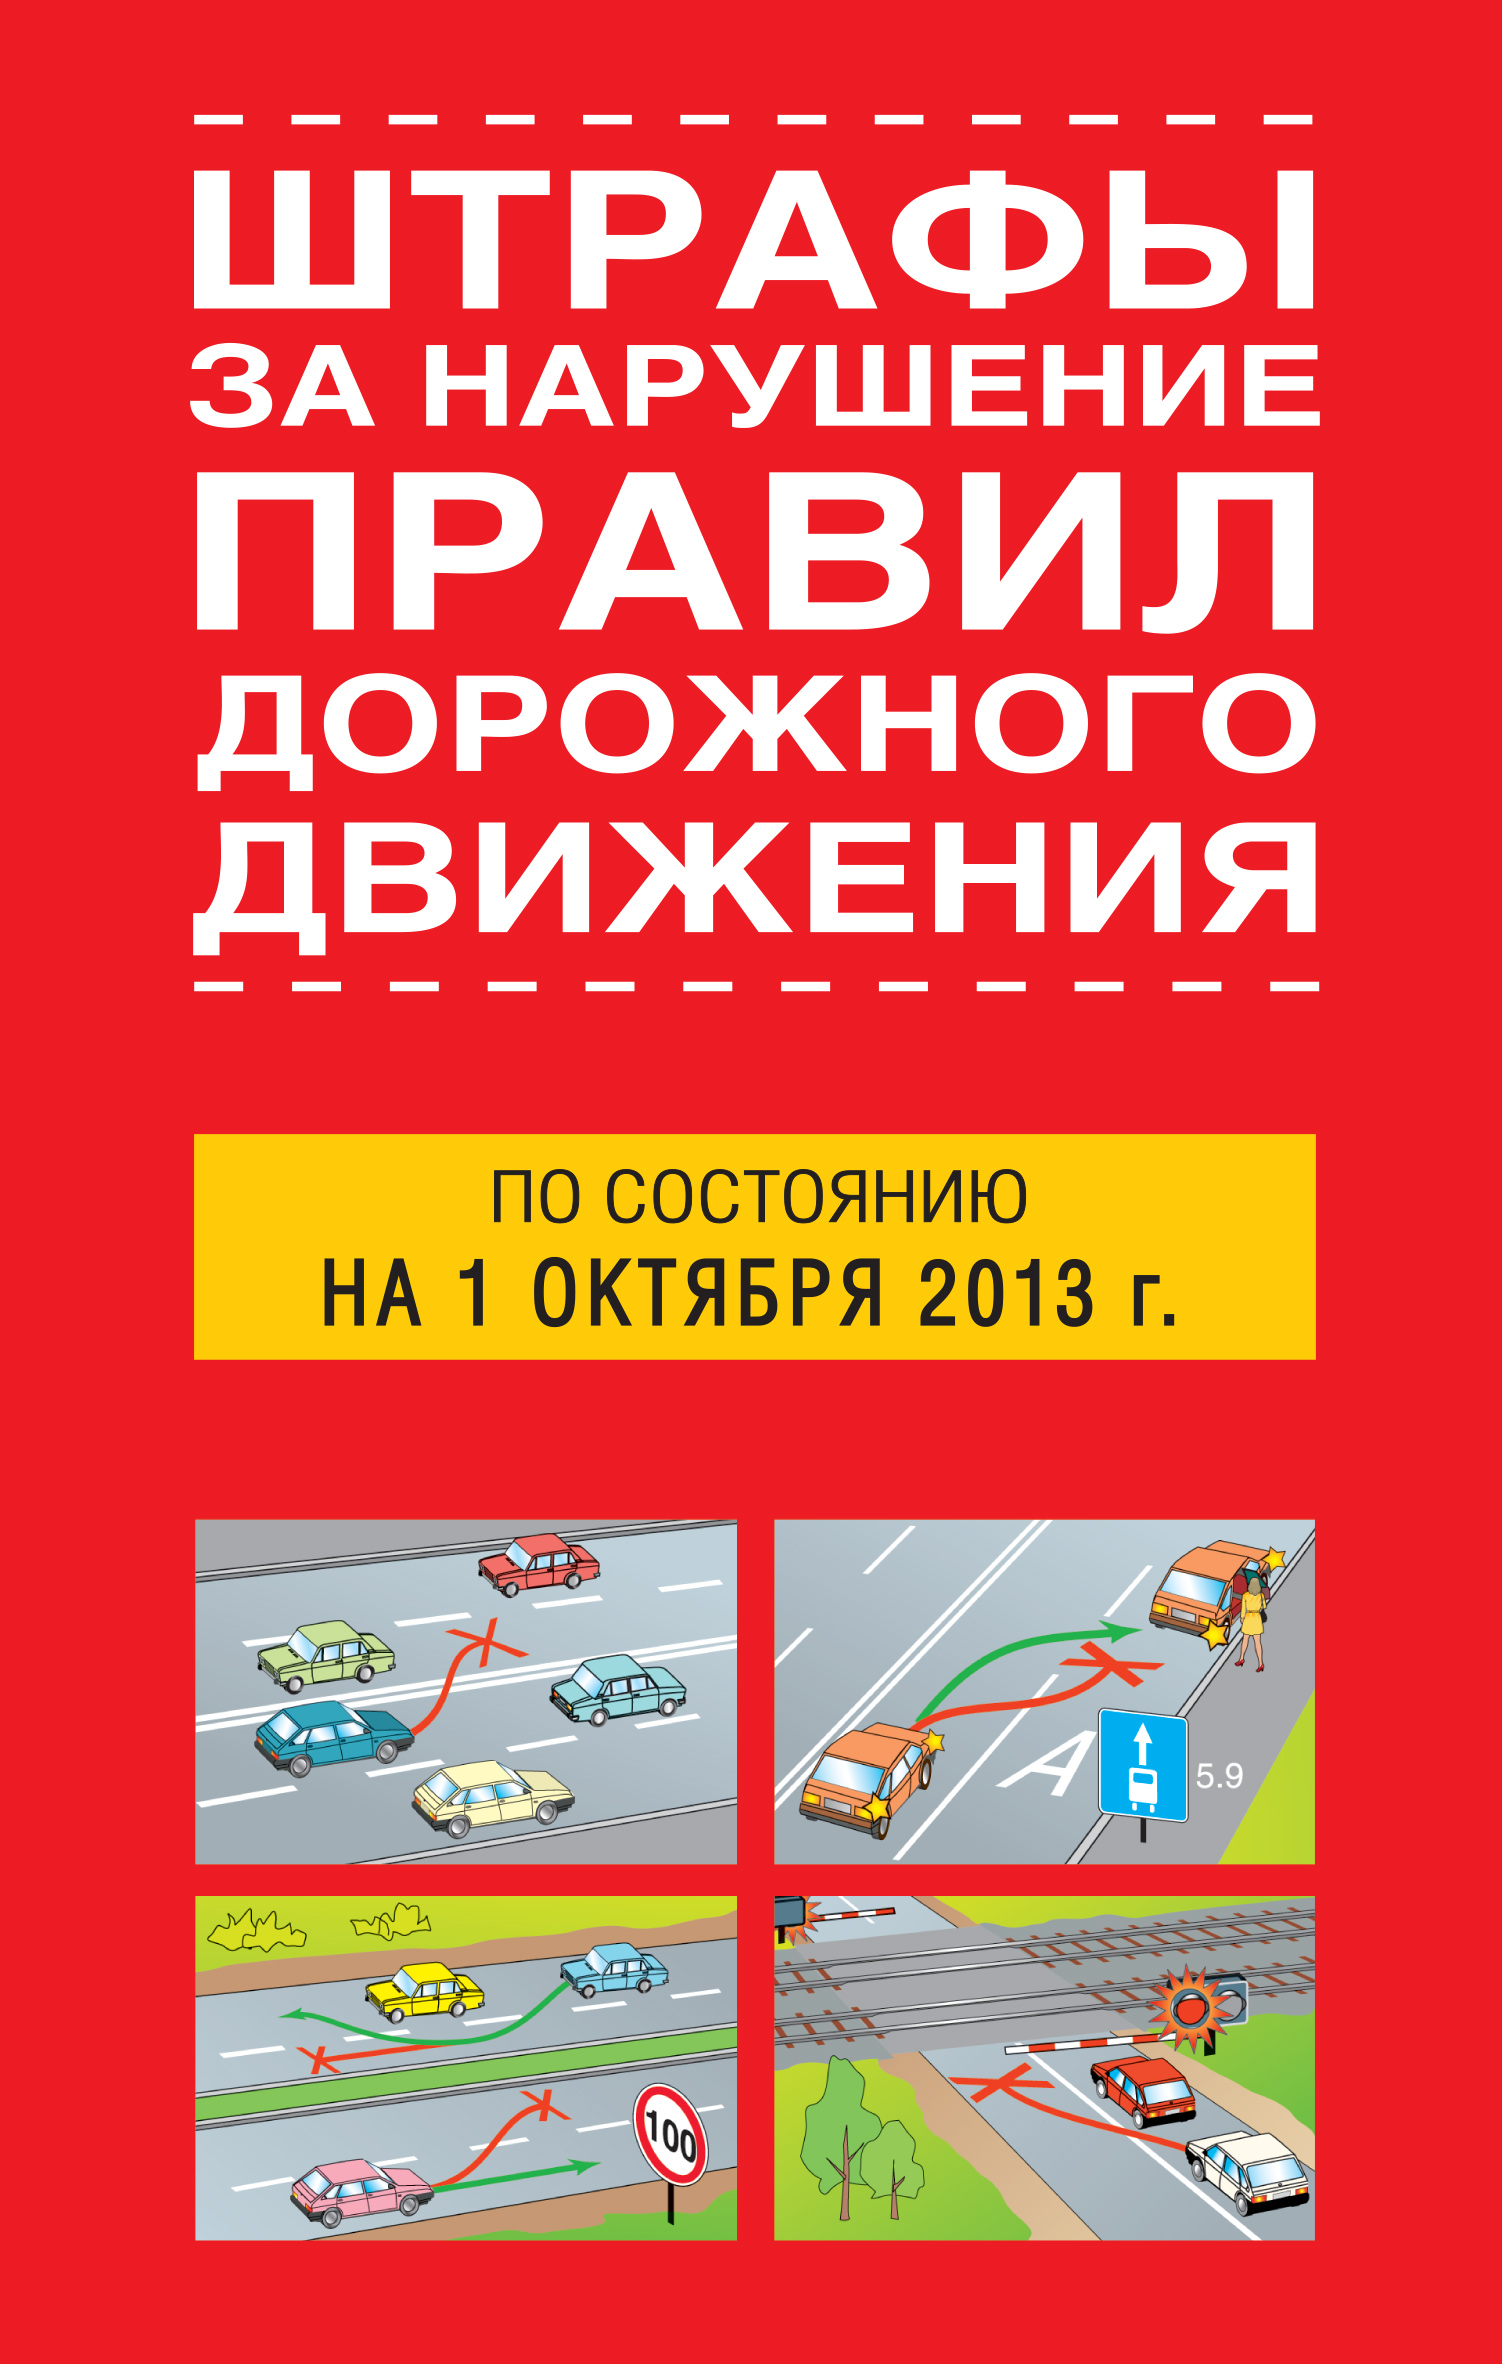 Штрафы за нарушение правил дорожного движения по состоянию на 01 октября 2013 года